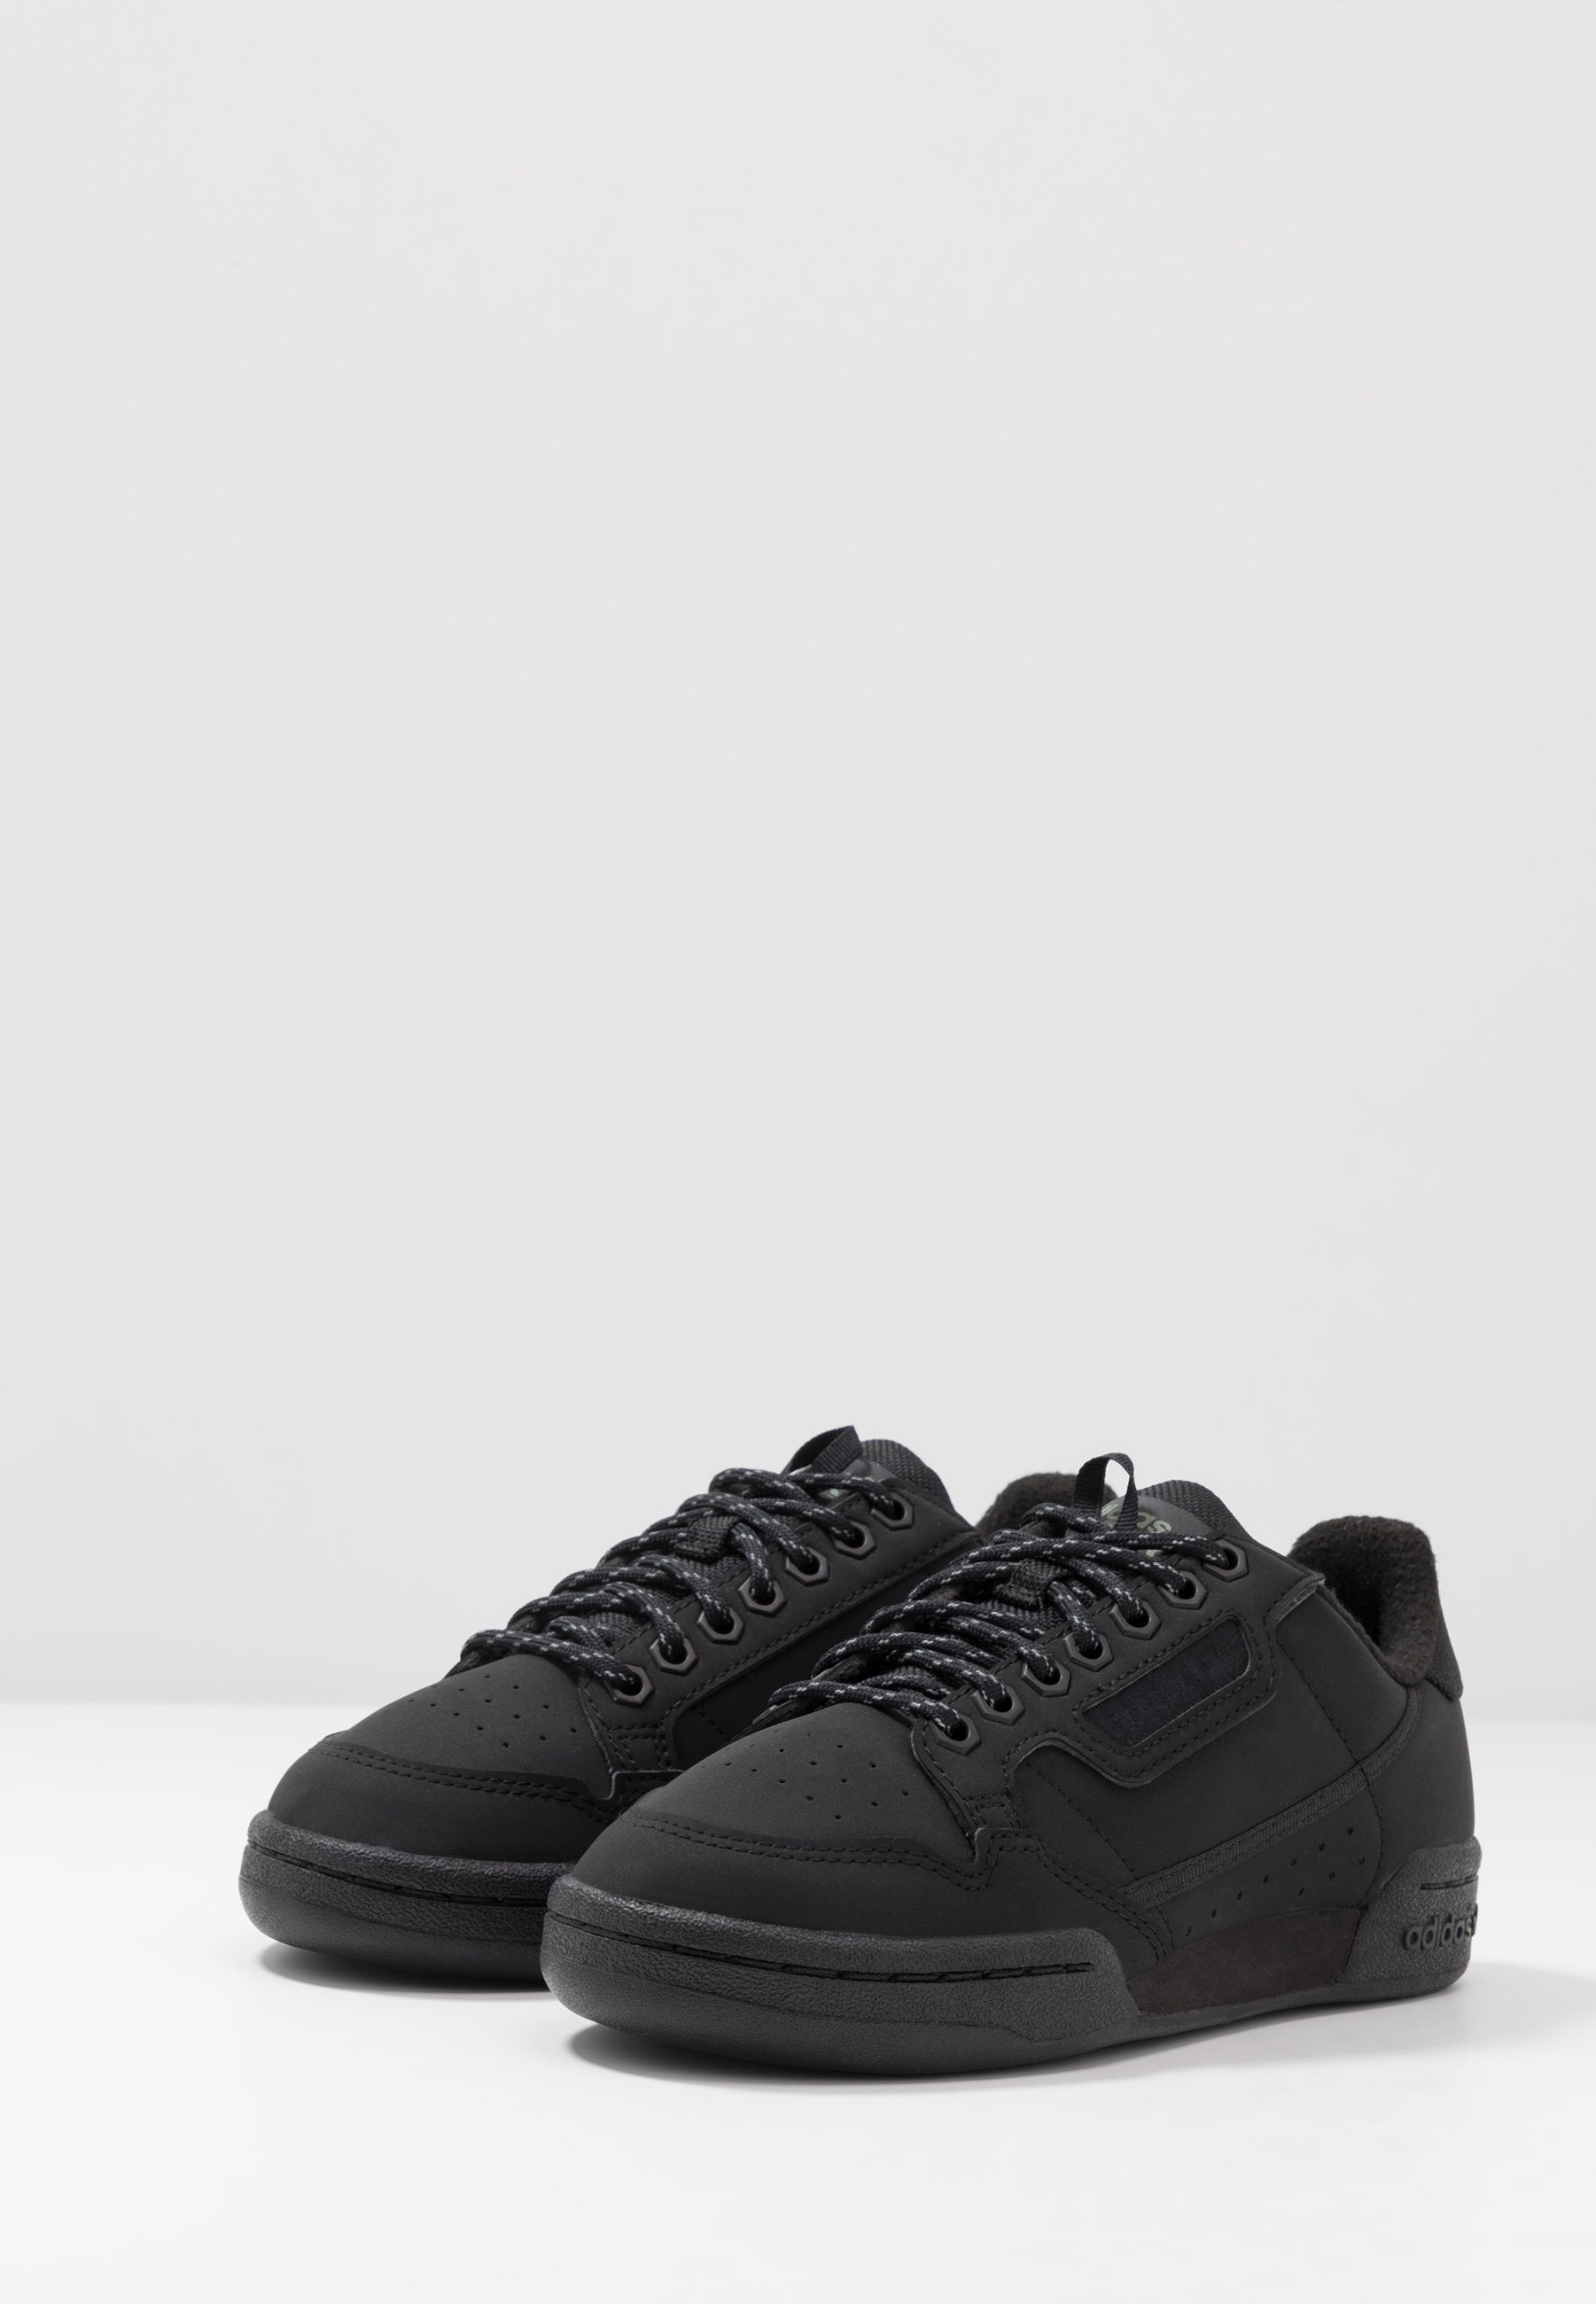 Limite di sconto Scarpe da uomo adidas Originals CONTINENTAL 80 Sneakers basse core black/trace green